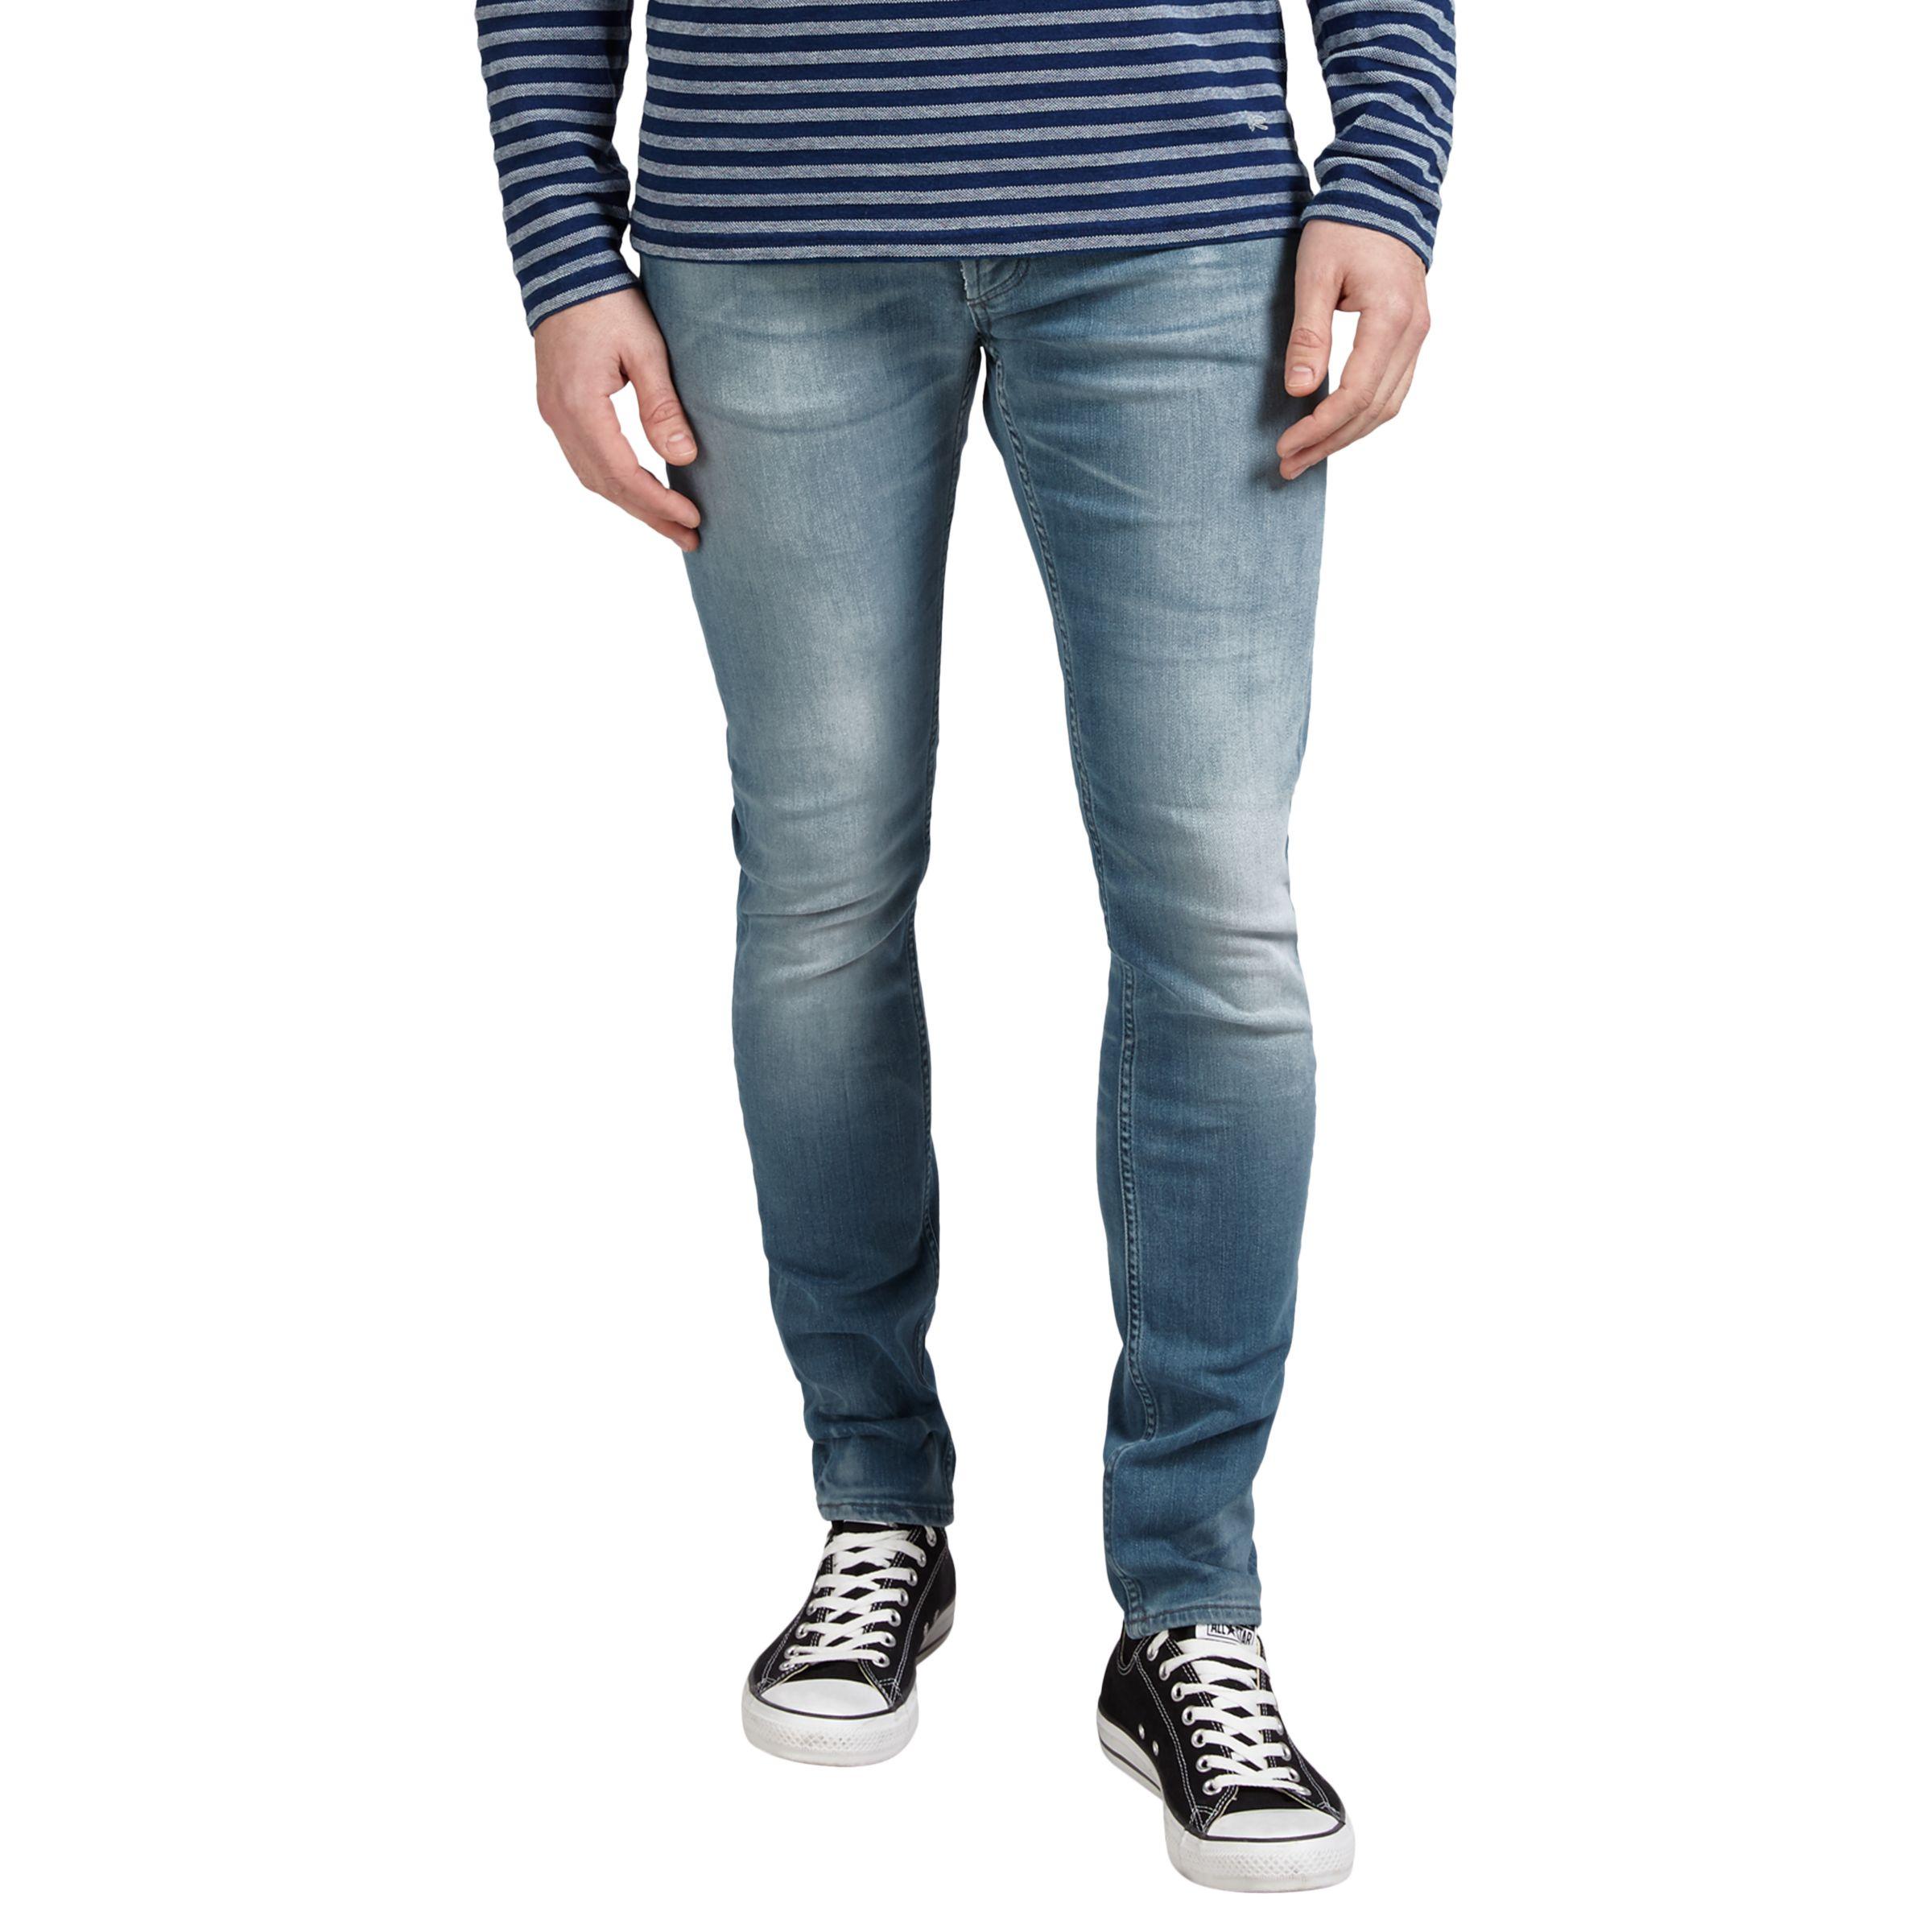 Denham Denham Bolt Skinny Fit Jeans, Light Grey Wash